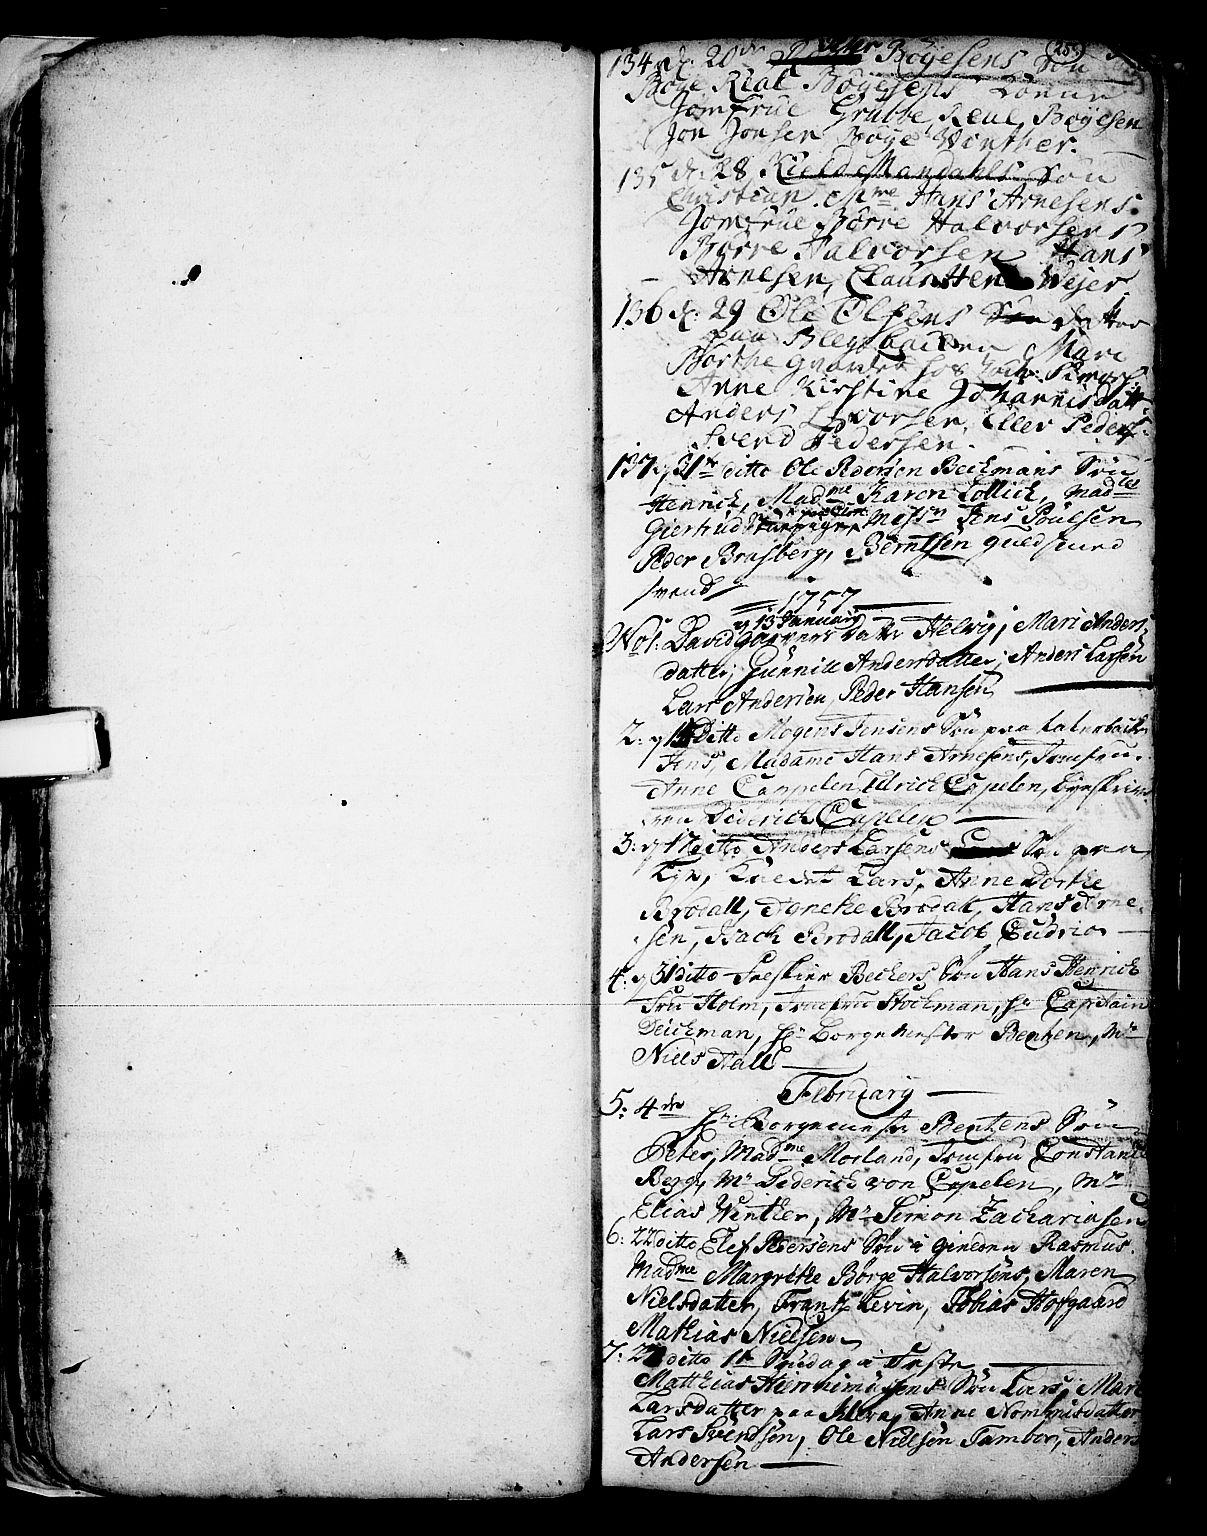 SAKO, Skien kirkebøker, F/Fa/L0002: Ministerialbok nr. 2, 1716-1757, s. 25